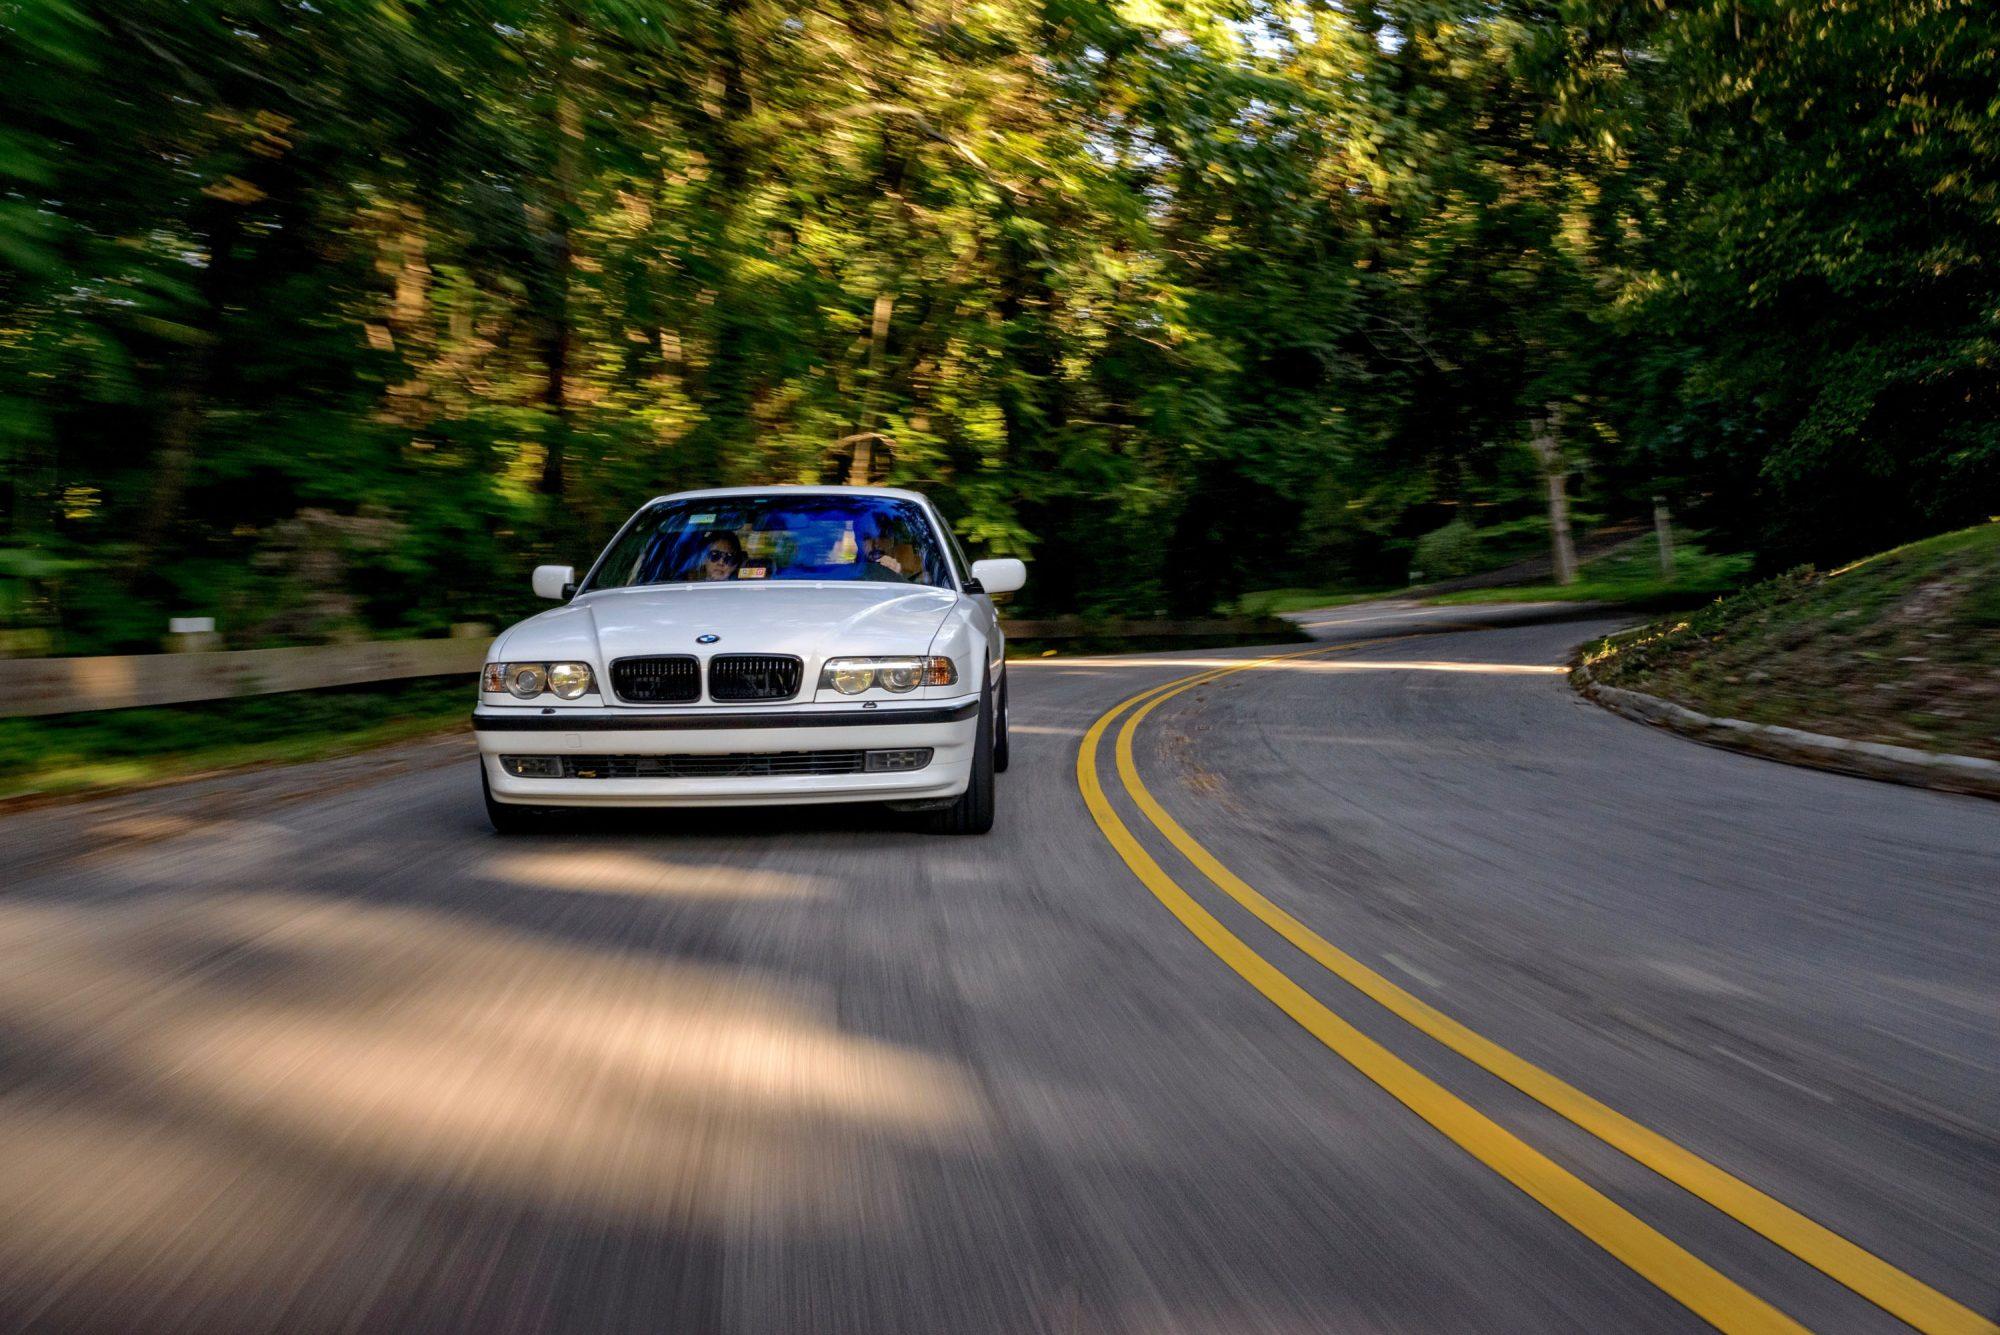 Бумер-мечта: единственная в своем роде BMW M7 E38